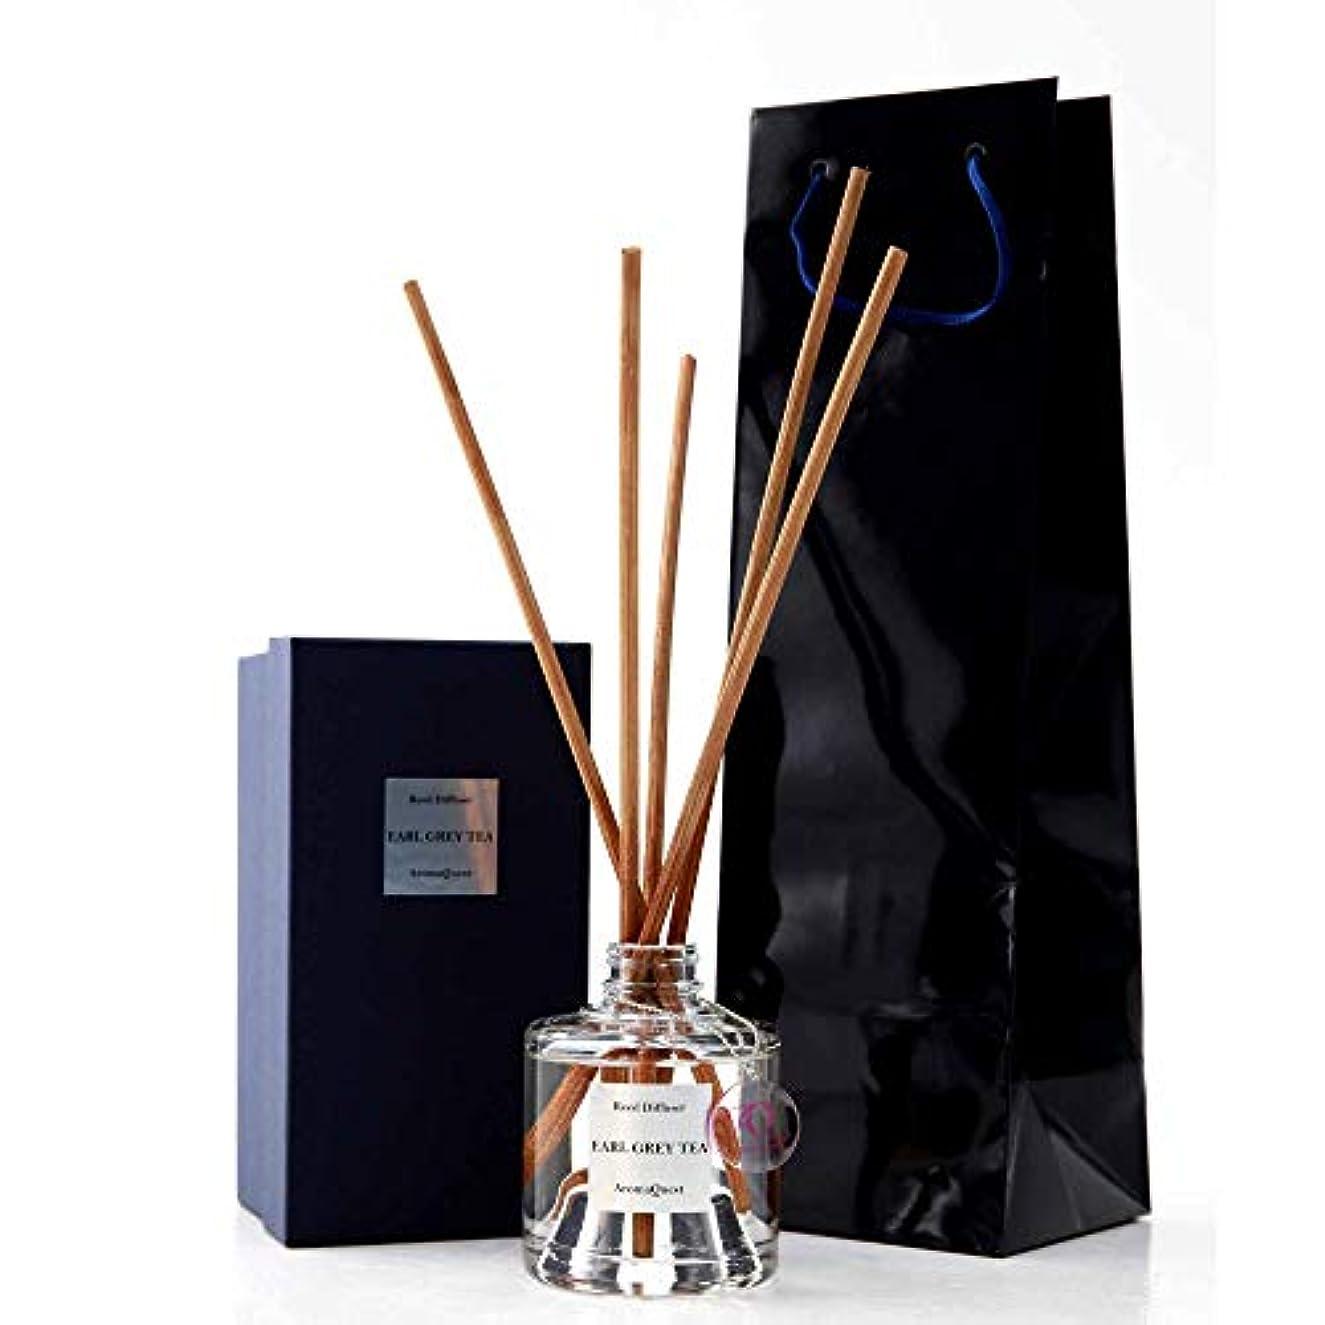 運命的なスツールリットルルームフレグランス リードディフューザー アロマディフューザー 150ml アールグレイティー EARL GREY TEA 紅茶の香り